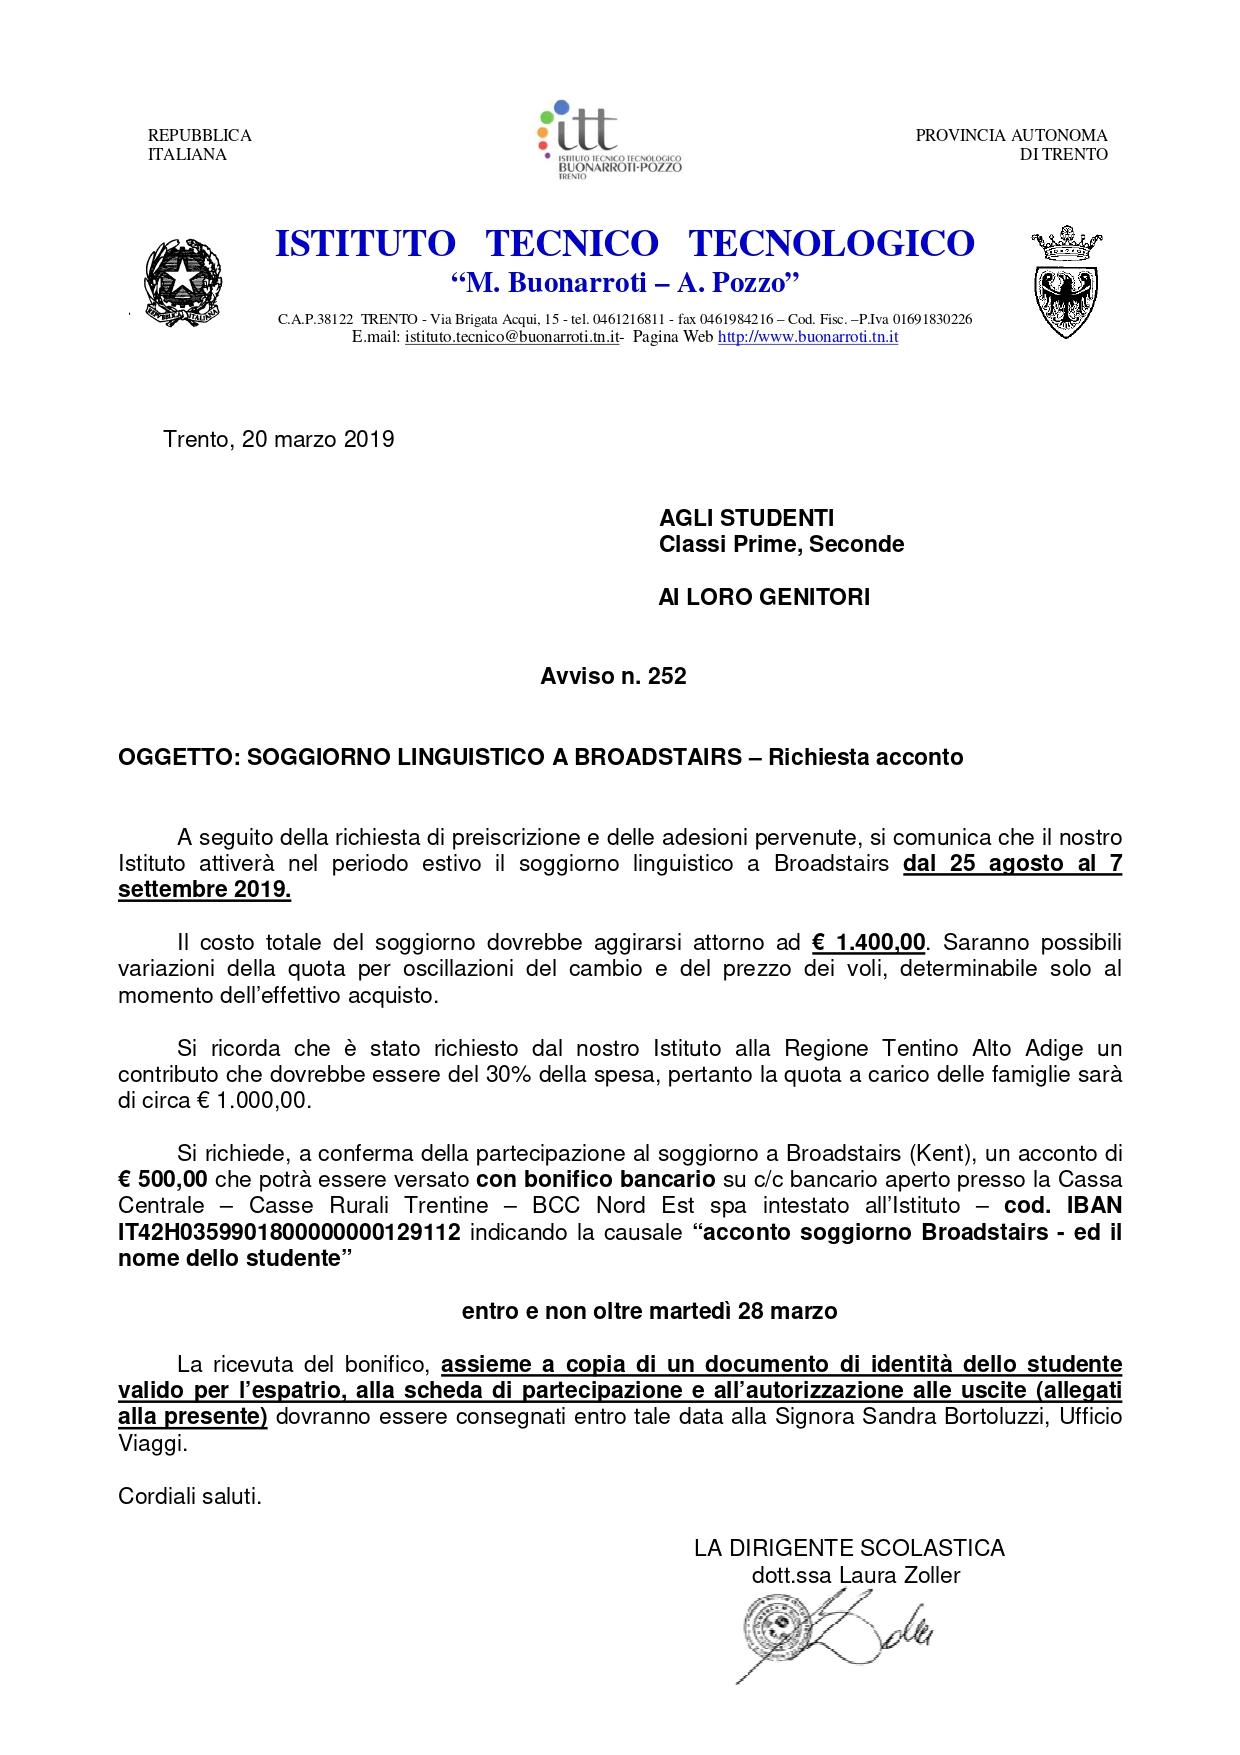 ITT M. Buonarroti - Soggiorno Linguistico a Broadstairs ...